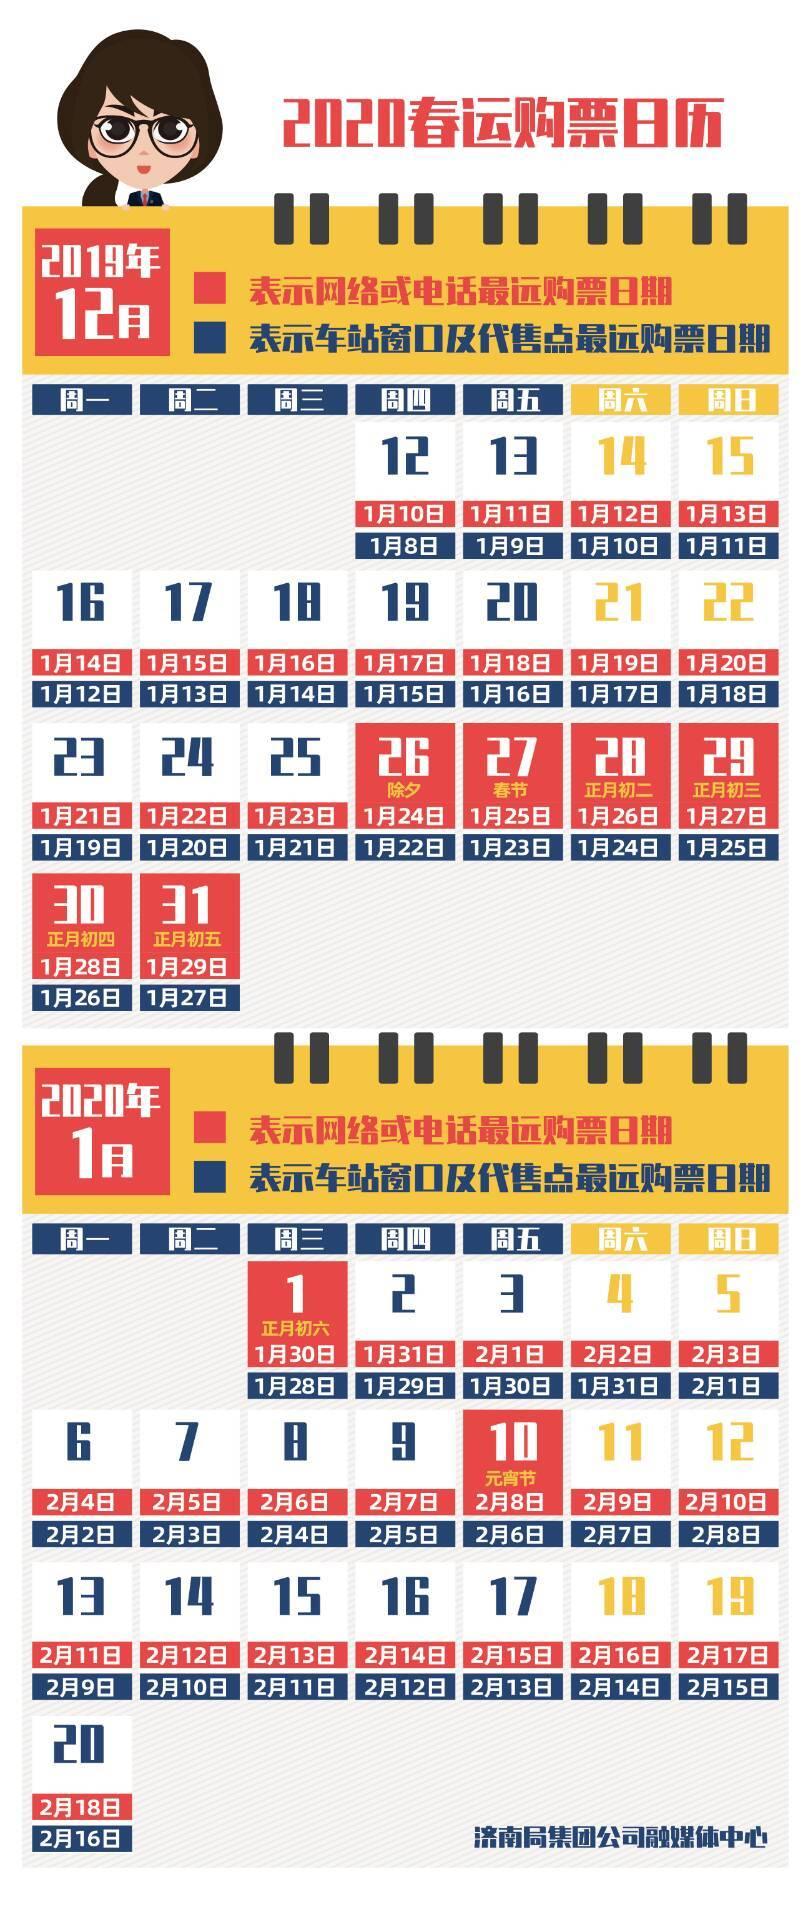 春运火车票12日开售,济南局预计发送旅客1715万人次